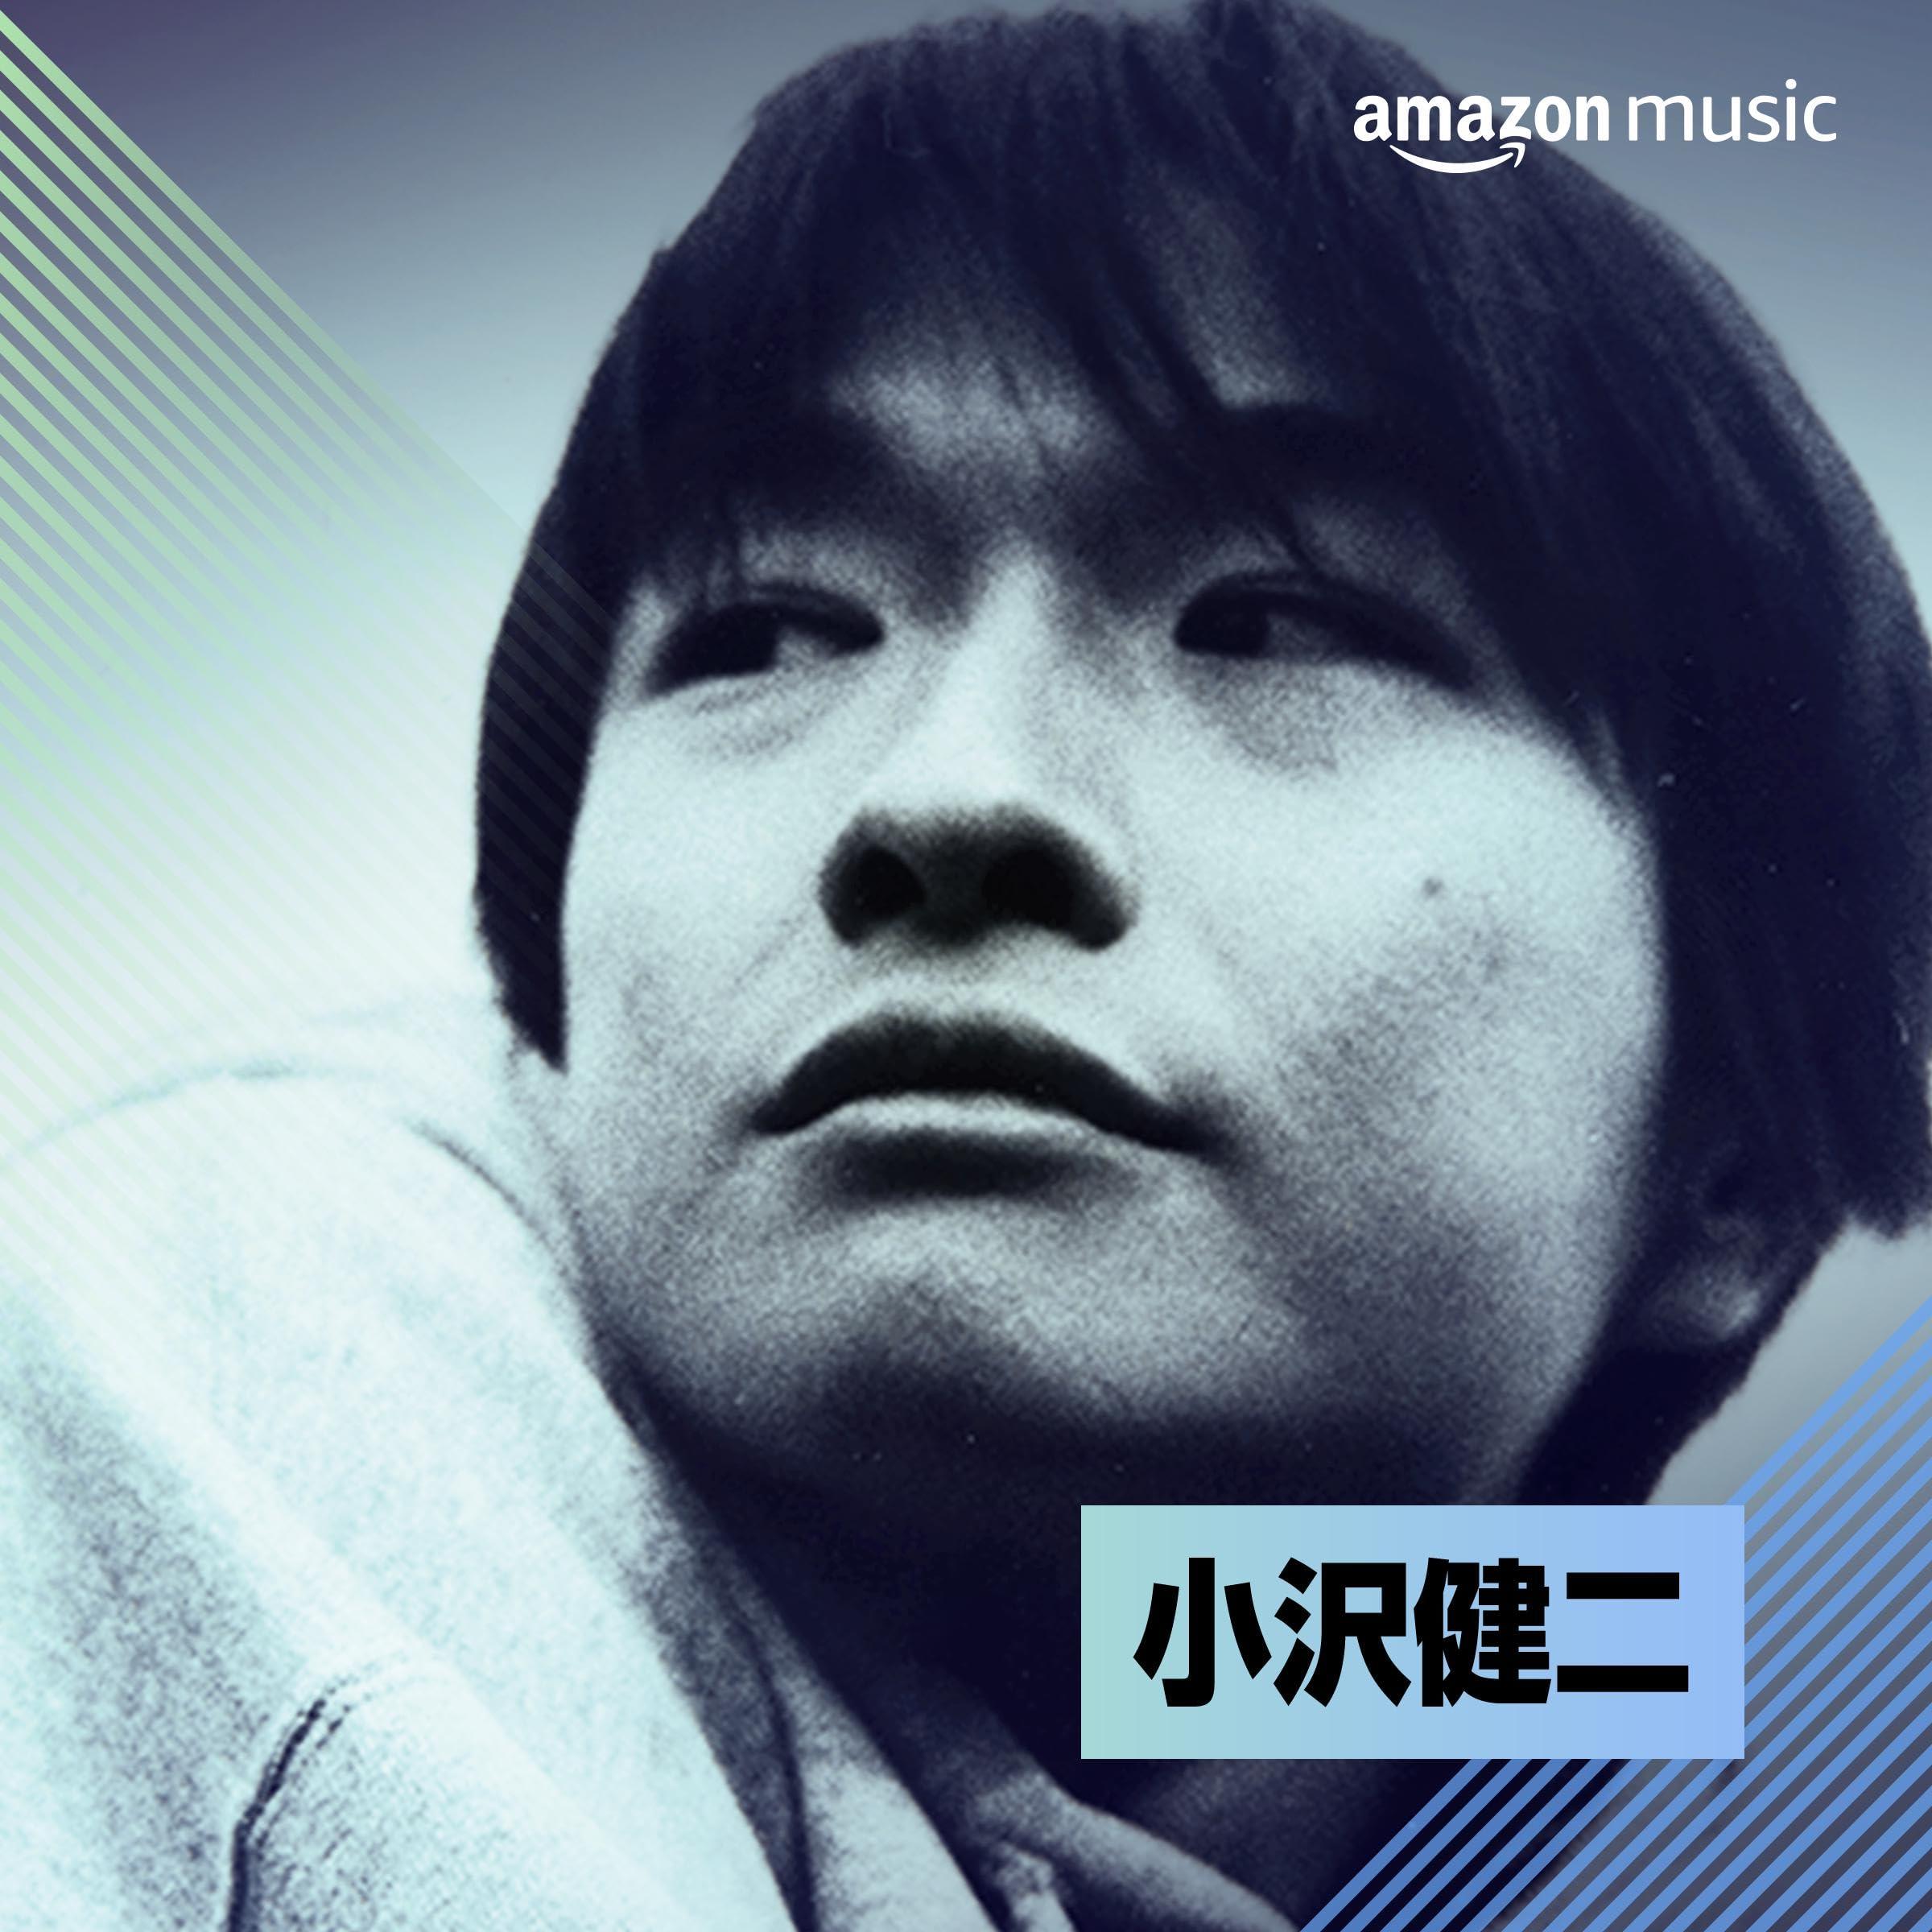 小沢健二を聴いているお客様におすすめ